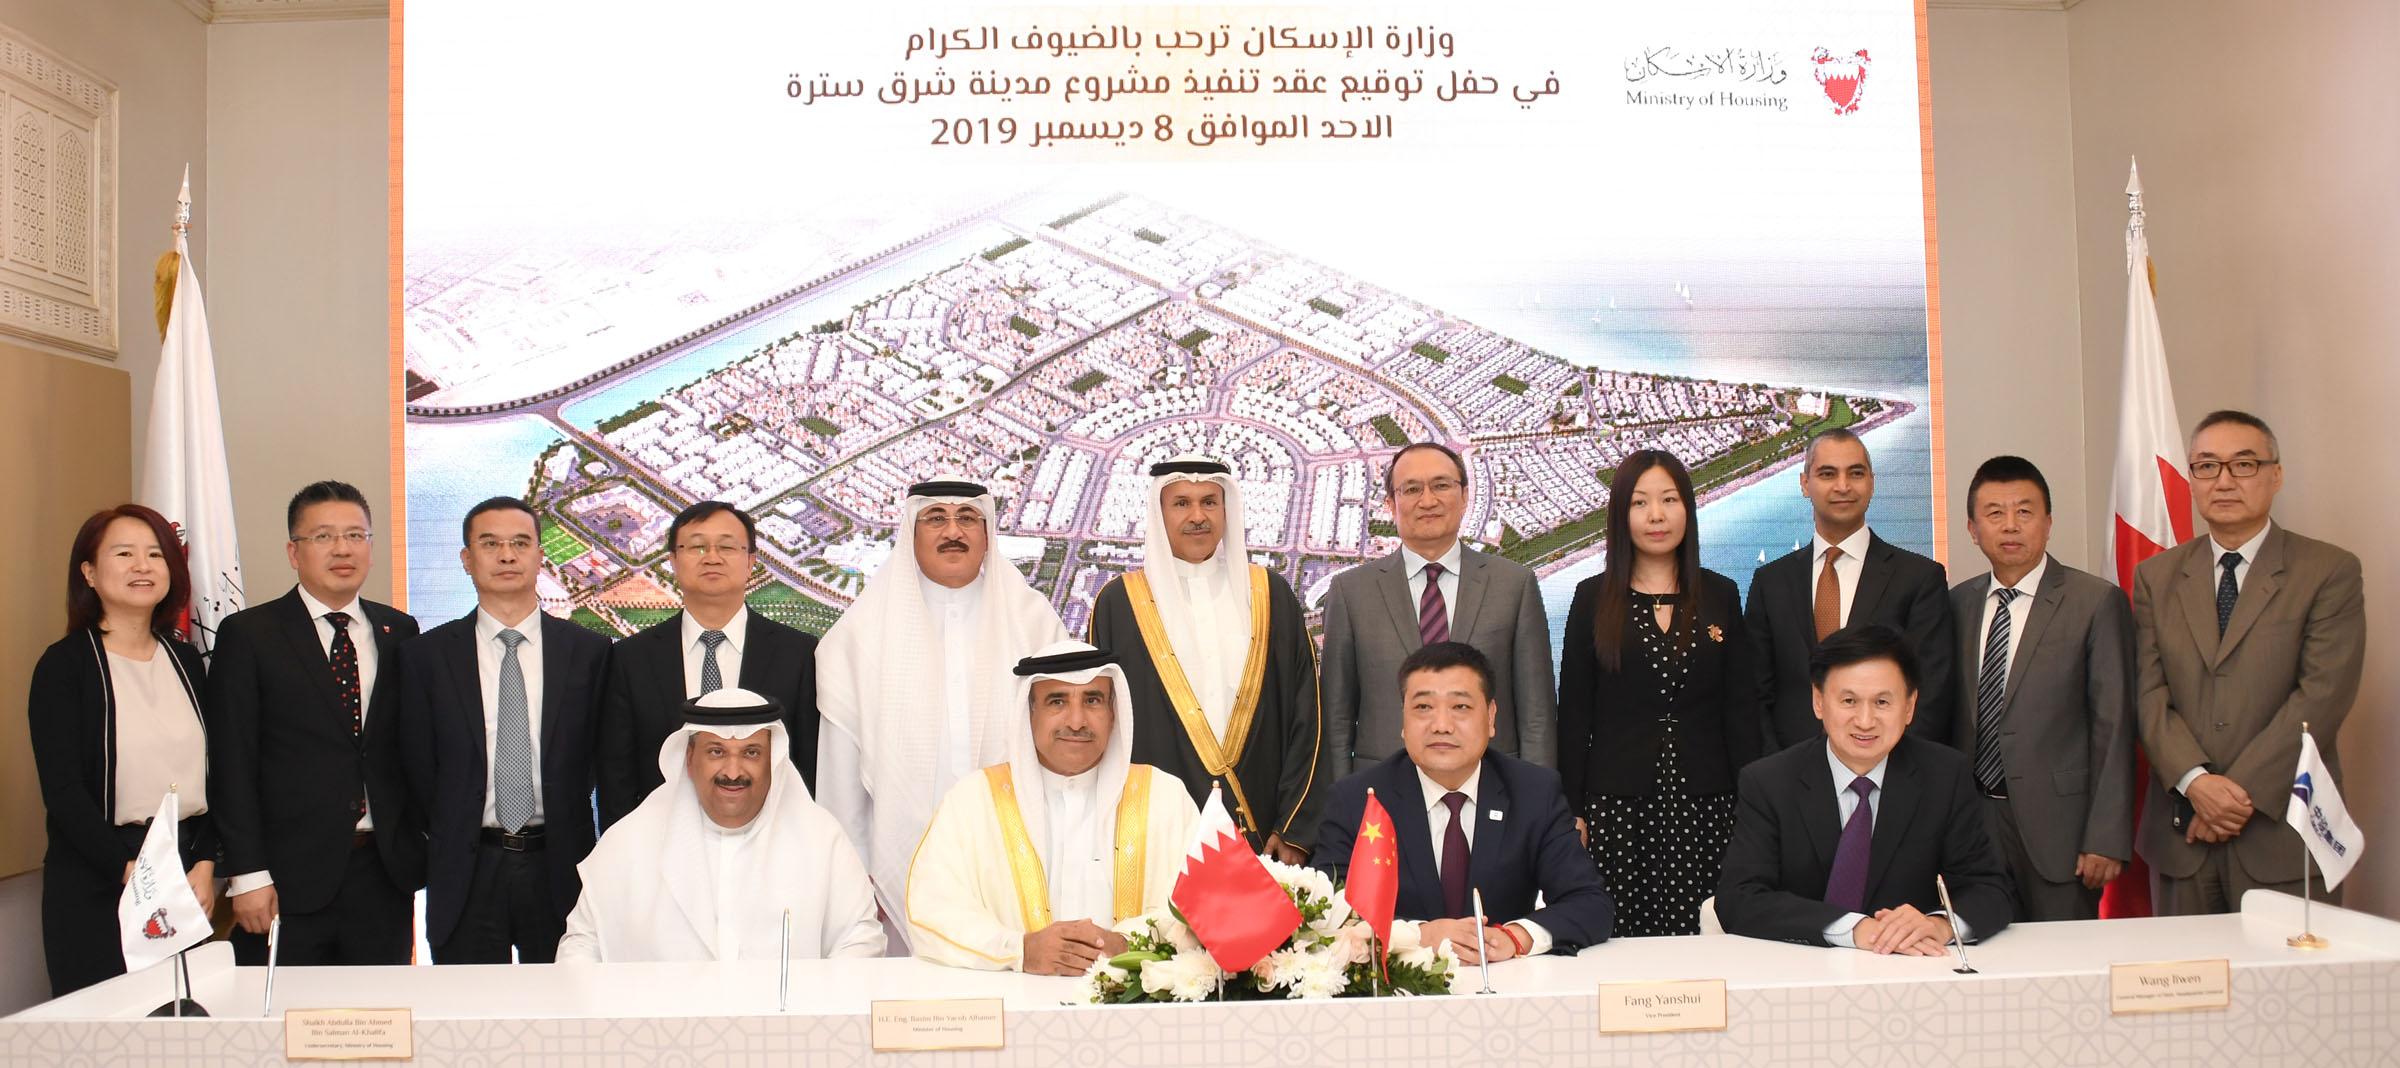 """""""الإسكان"""" تبرم عقود تنفيذ مدينة """"شرق سترة"""" مع الشركة CMEC الصينية"""